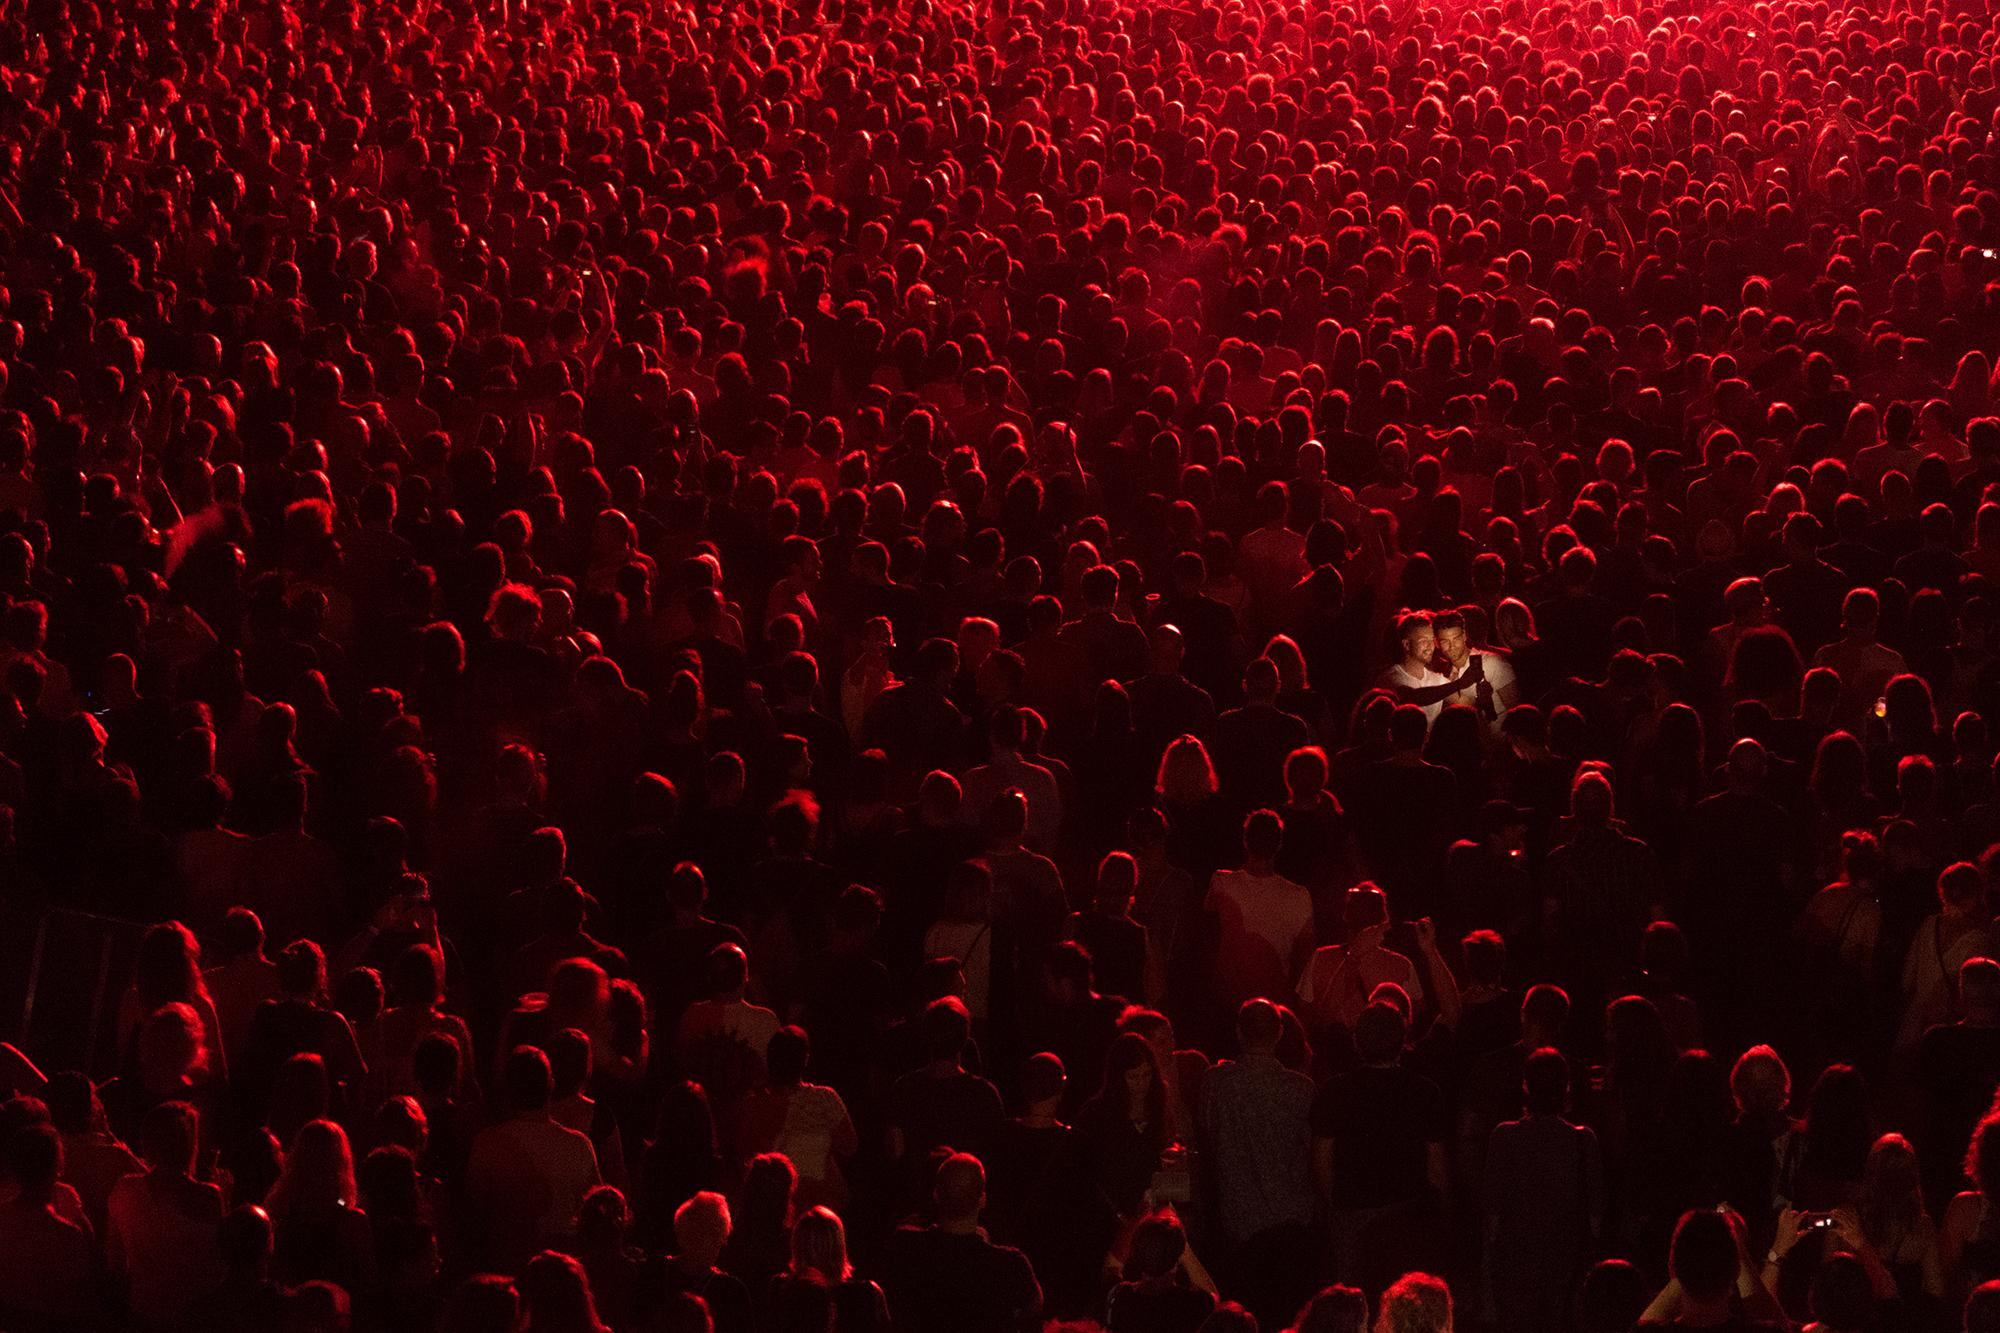 Dois rapazes tiram uma <i>selfie</i> durante um concerto da banda Massive Attack em Pula (1.º prémio - Sérvia)